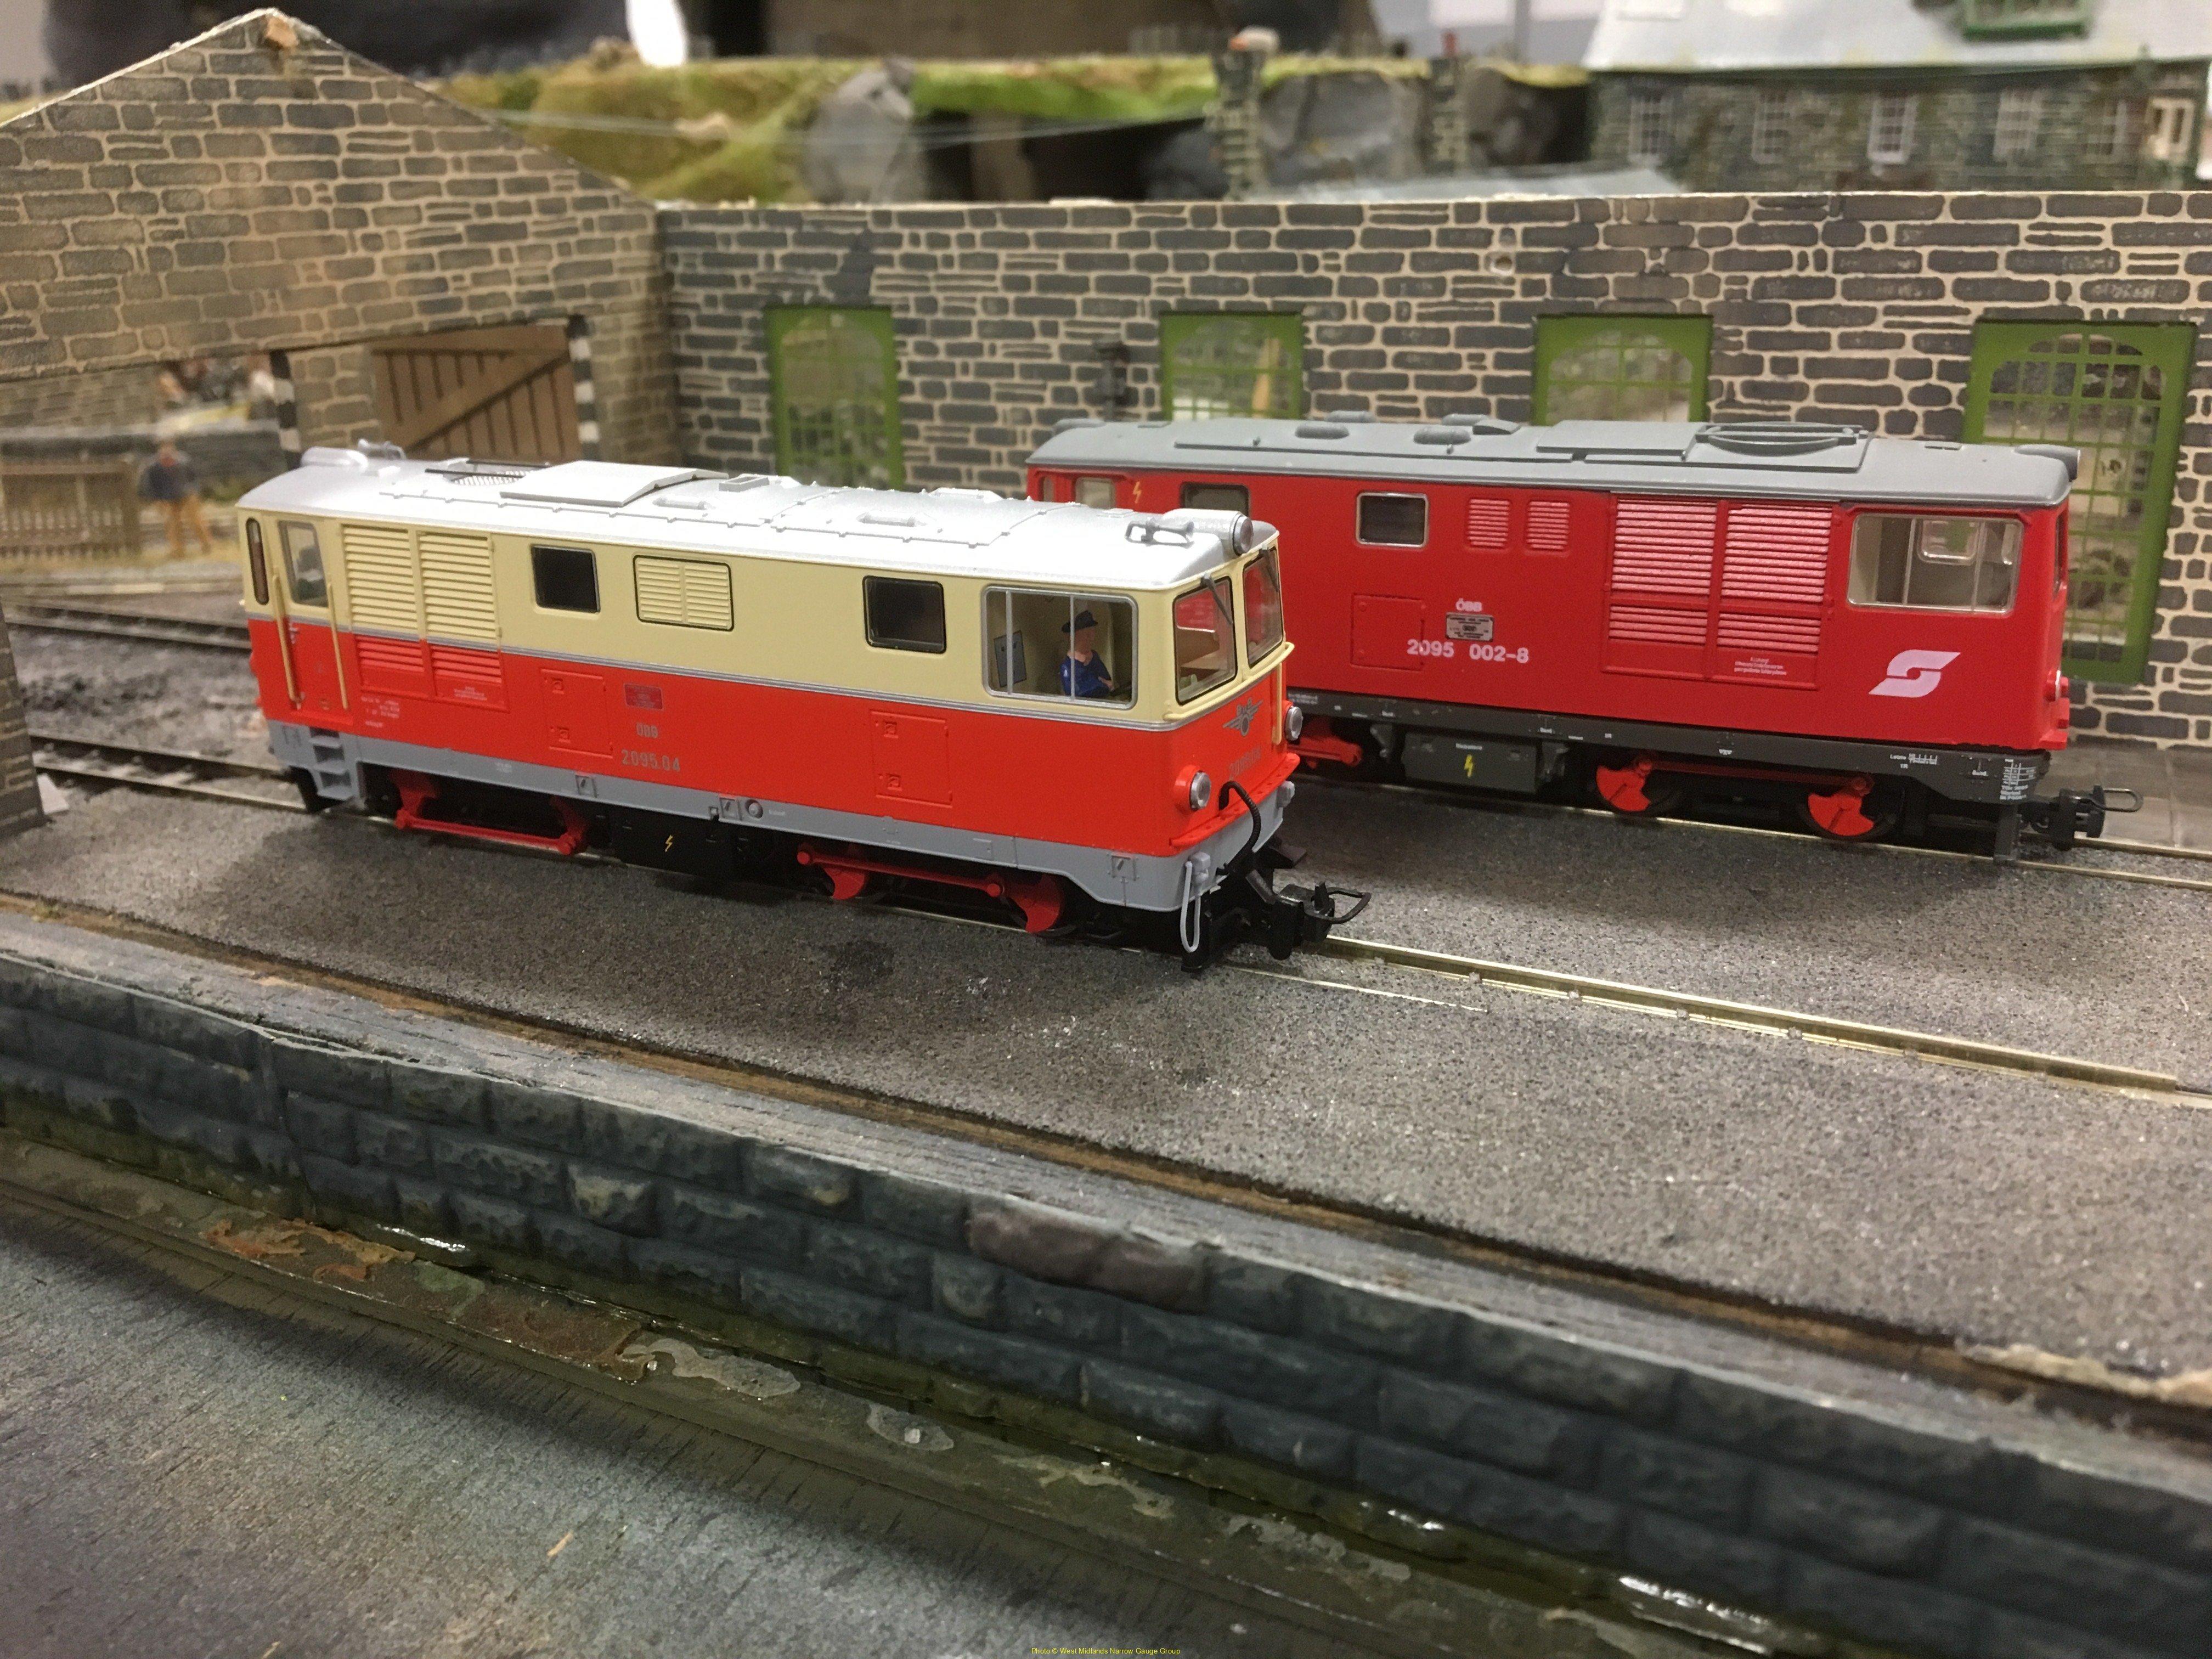 Modern image on Glastraeth shed (2) - Angela Baker's Roco Rh2095-4 n front of David Churchill's Ferro Train Rh2095-002-8.